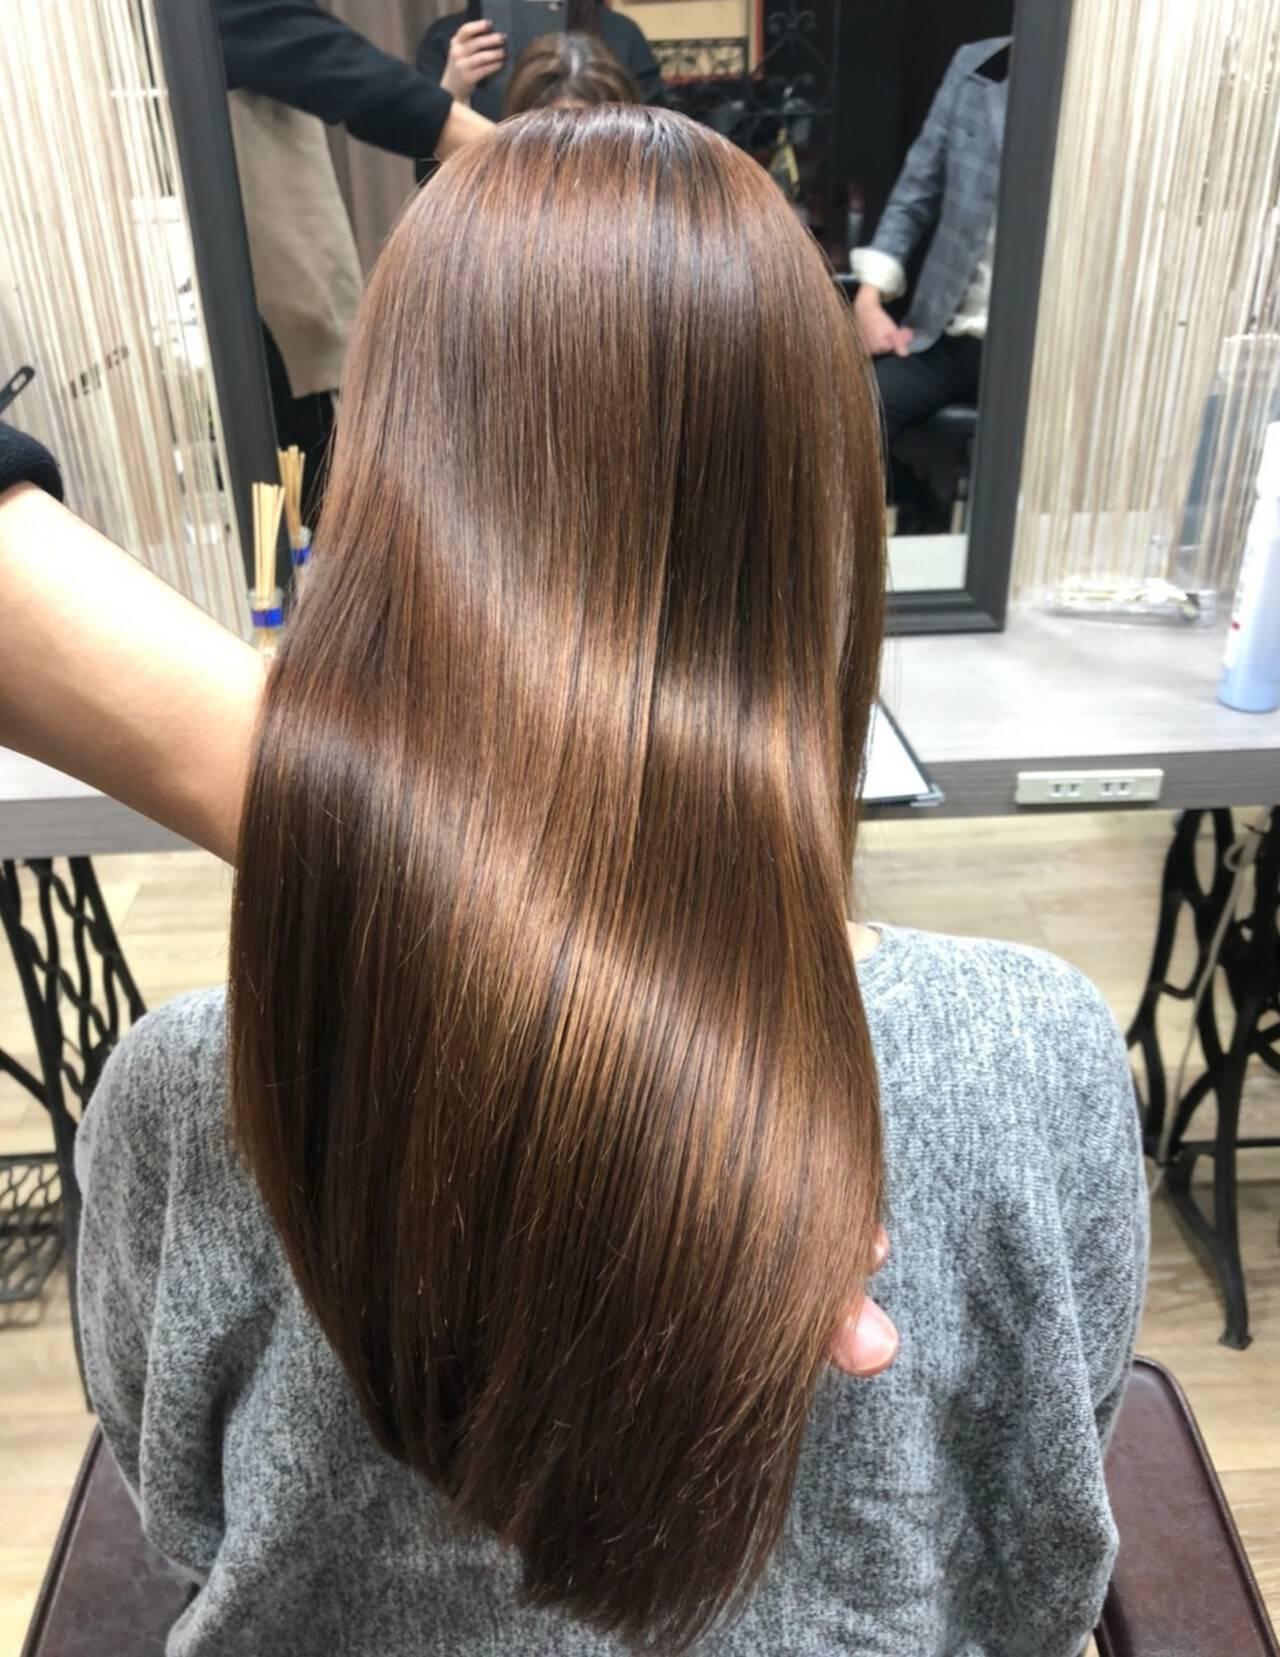 髪の病院 ナチュラル 名古屋市守山区 セミロングヘアスタイルや髪型の写真・画像